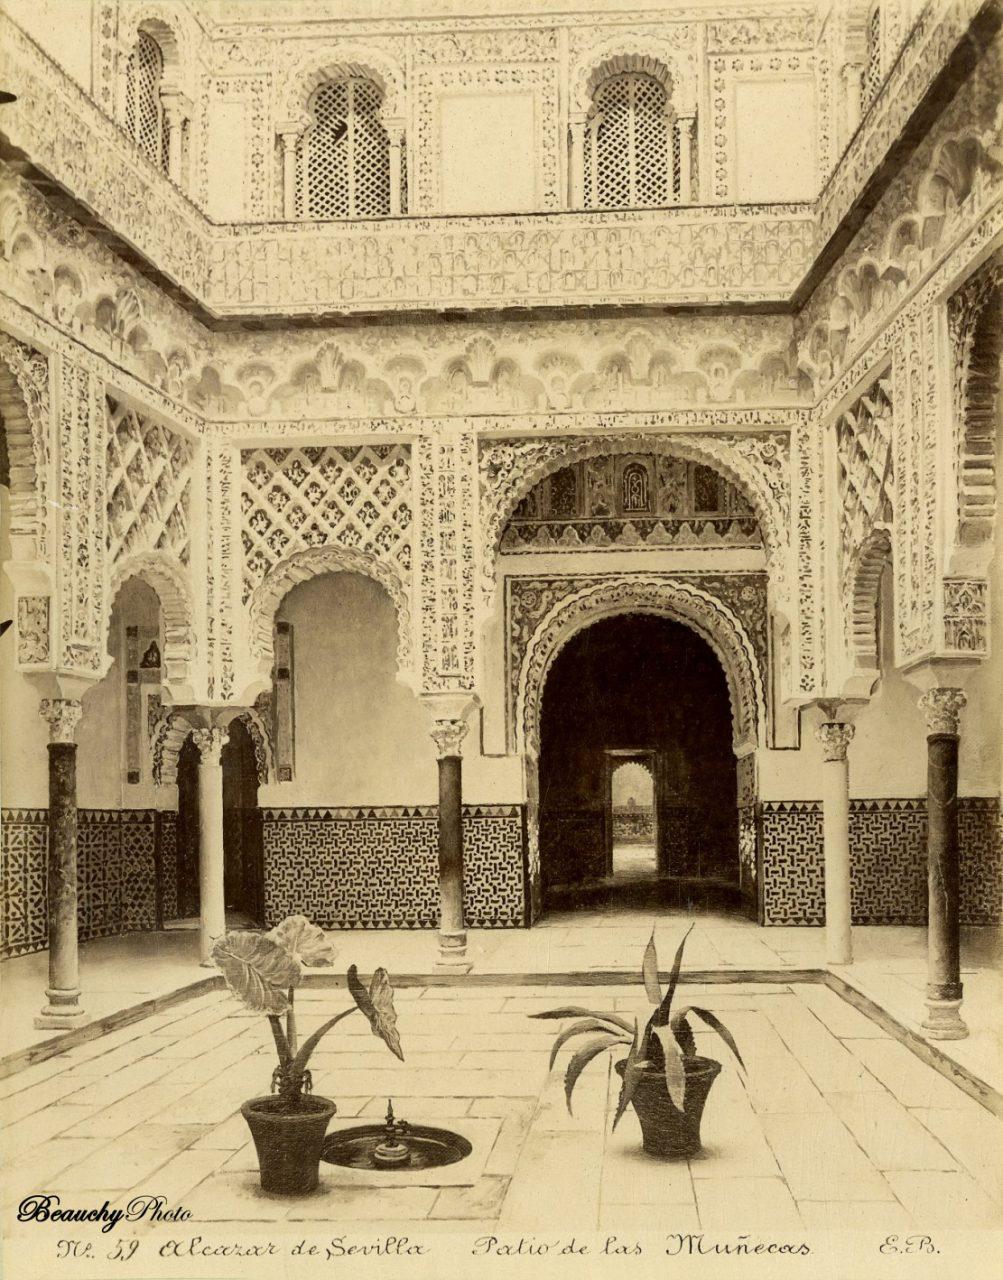 Patio de las Muñecas Alcázar de Sevilla